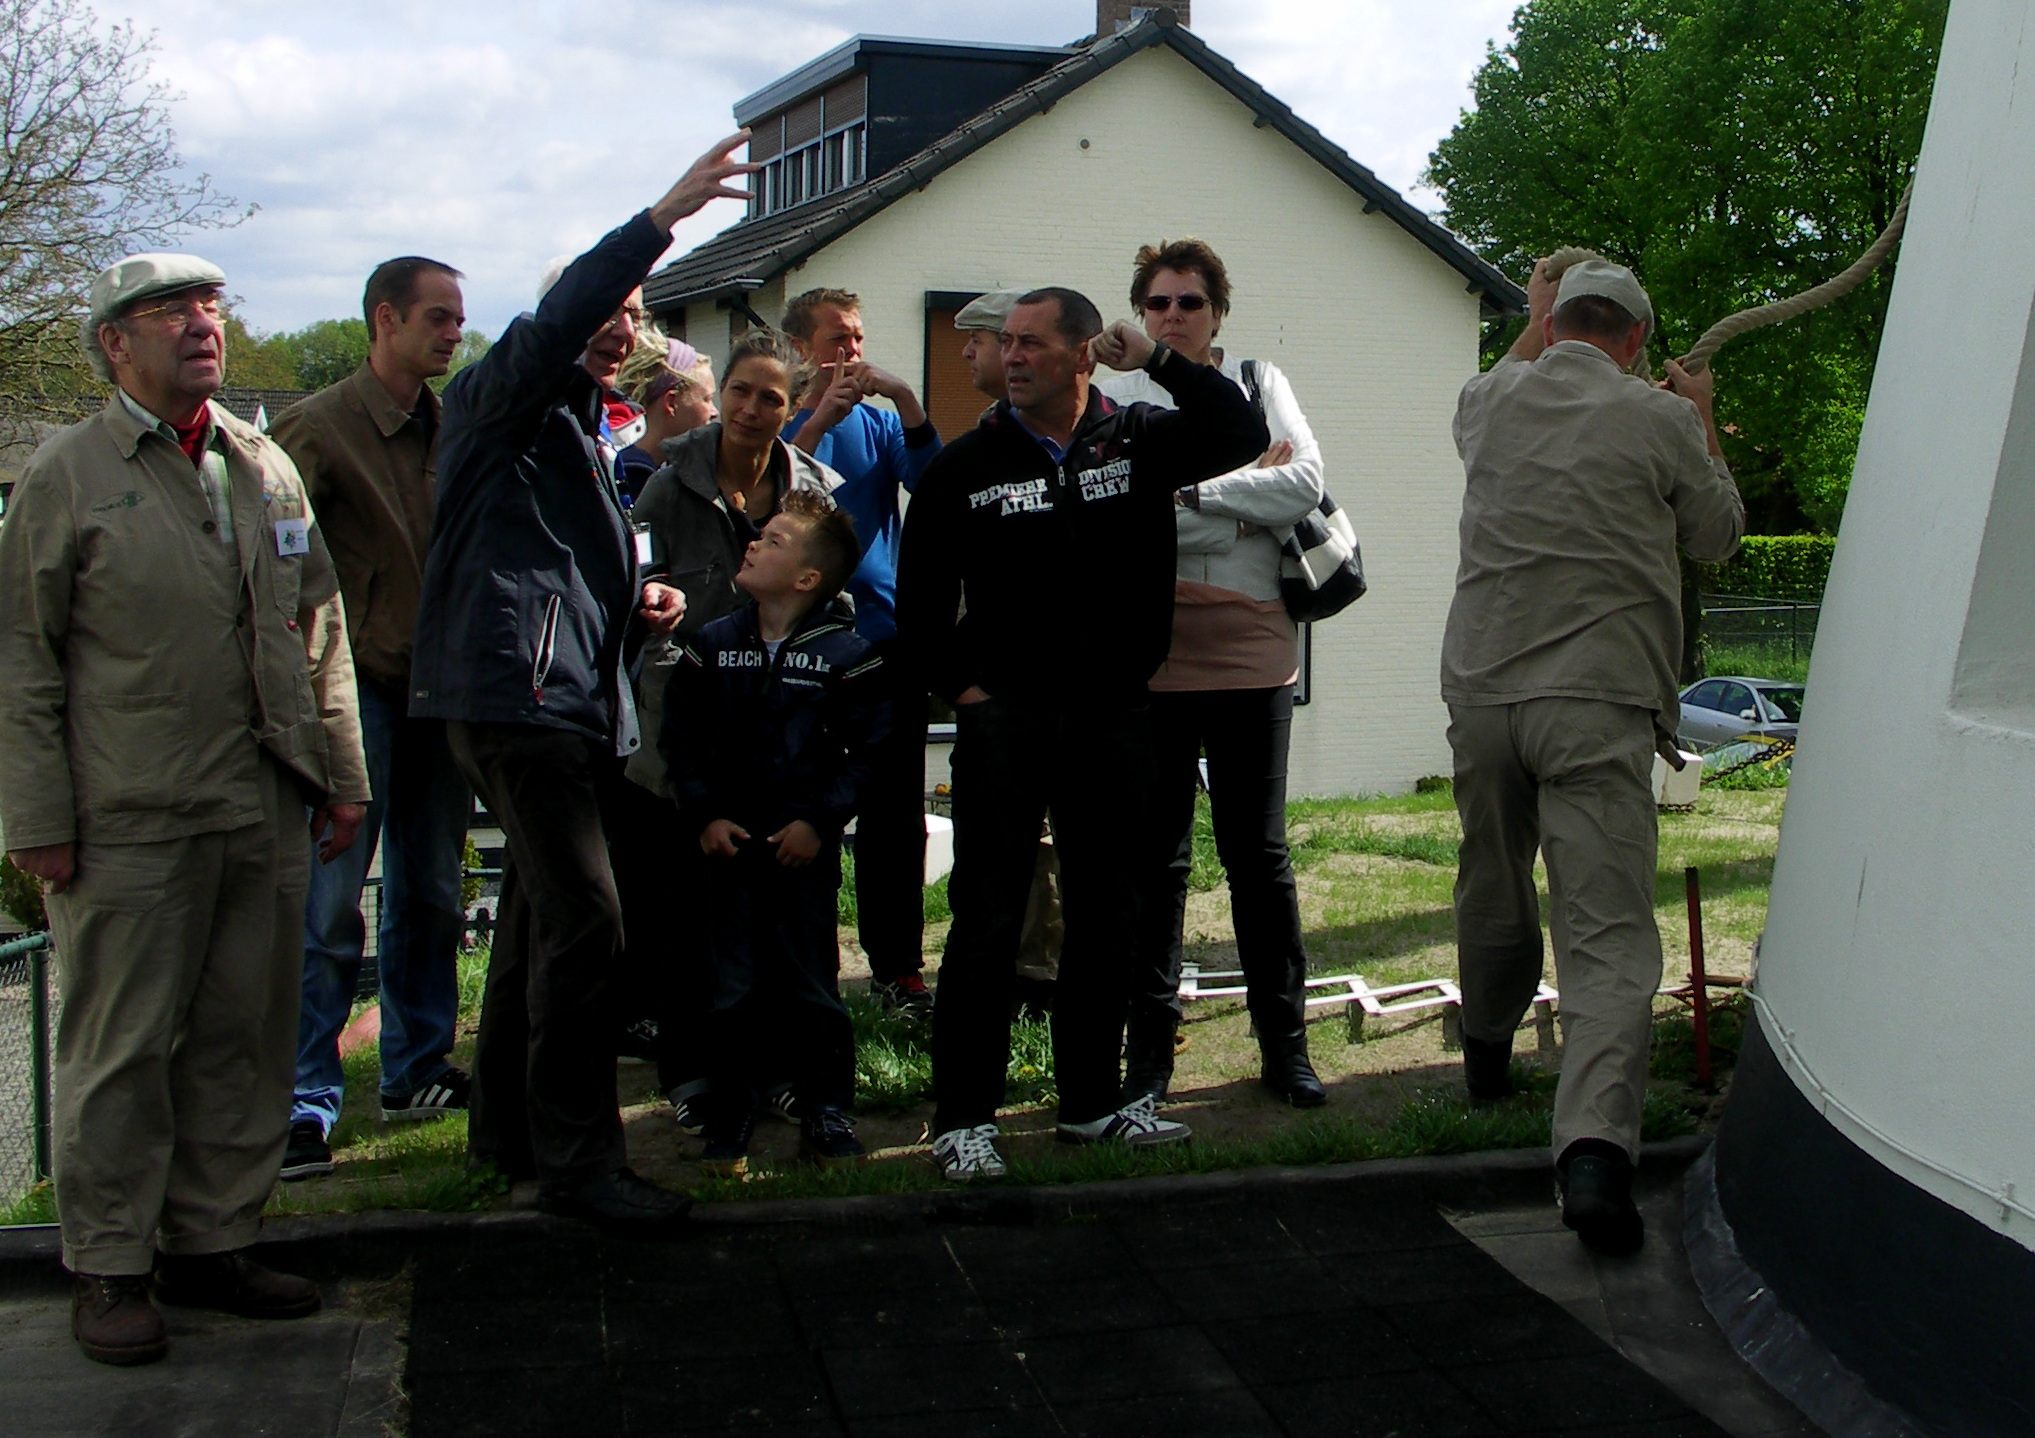 Vrijwilligers laten bezoekers de molens zien.